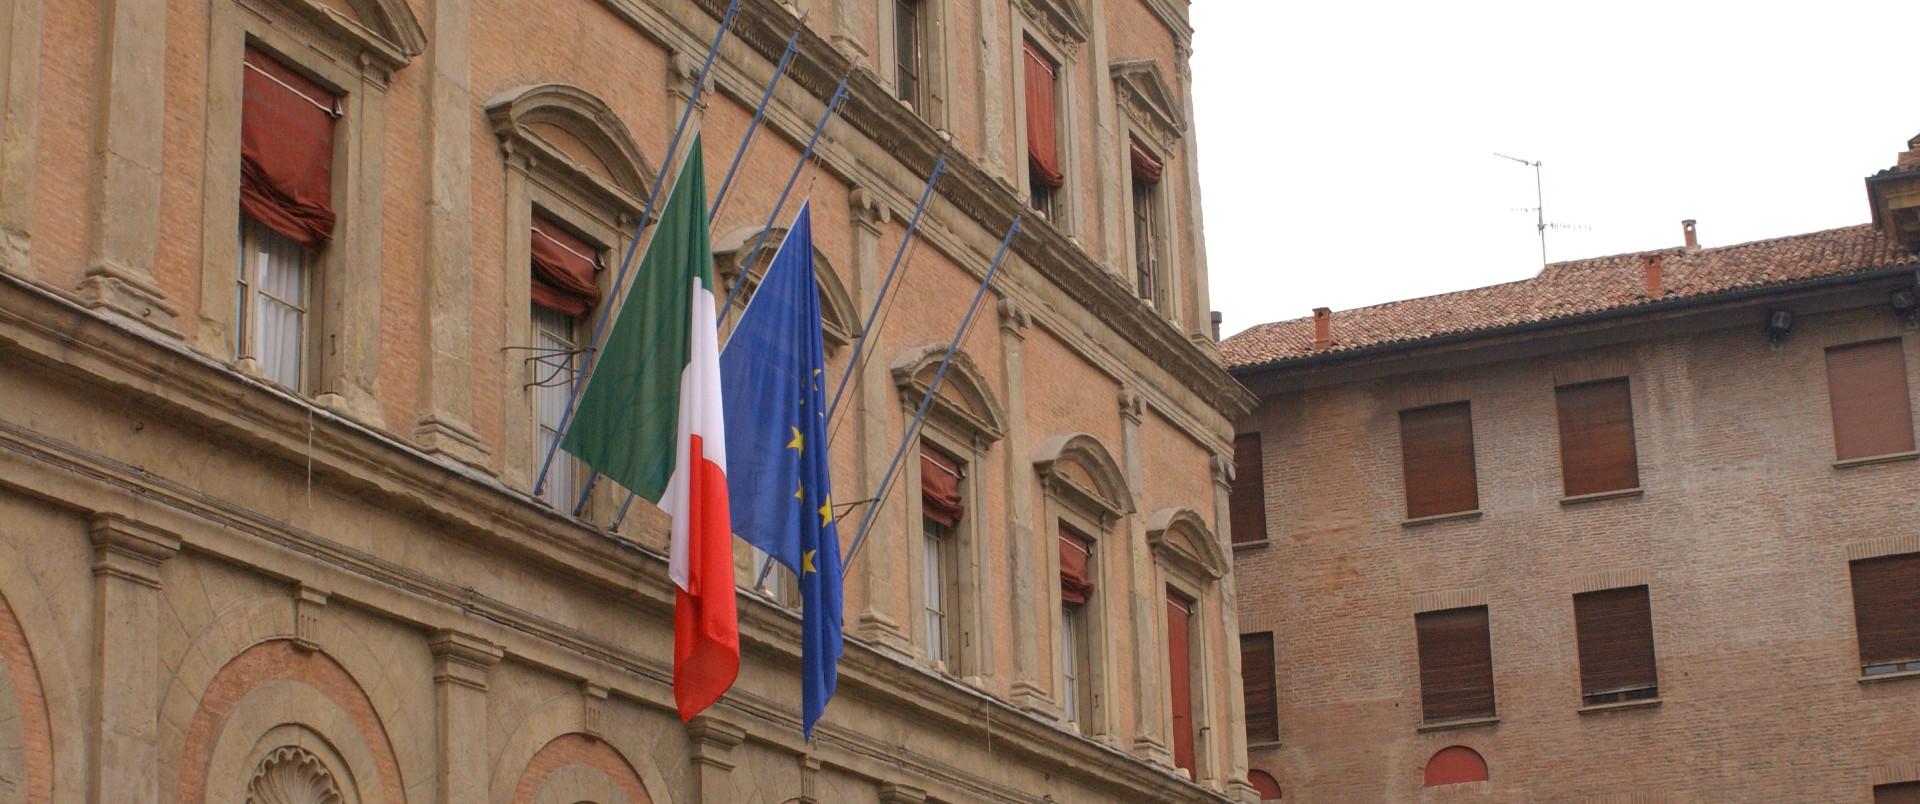 Facciata di palazzo Malvezzi - Archivio Città metropolitana di Bologna